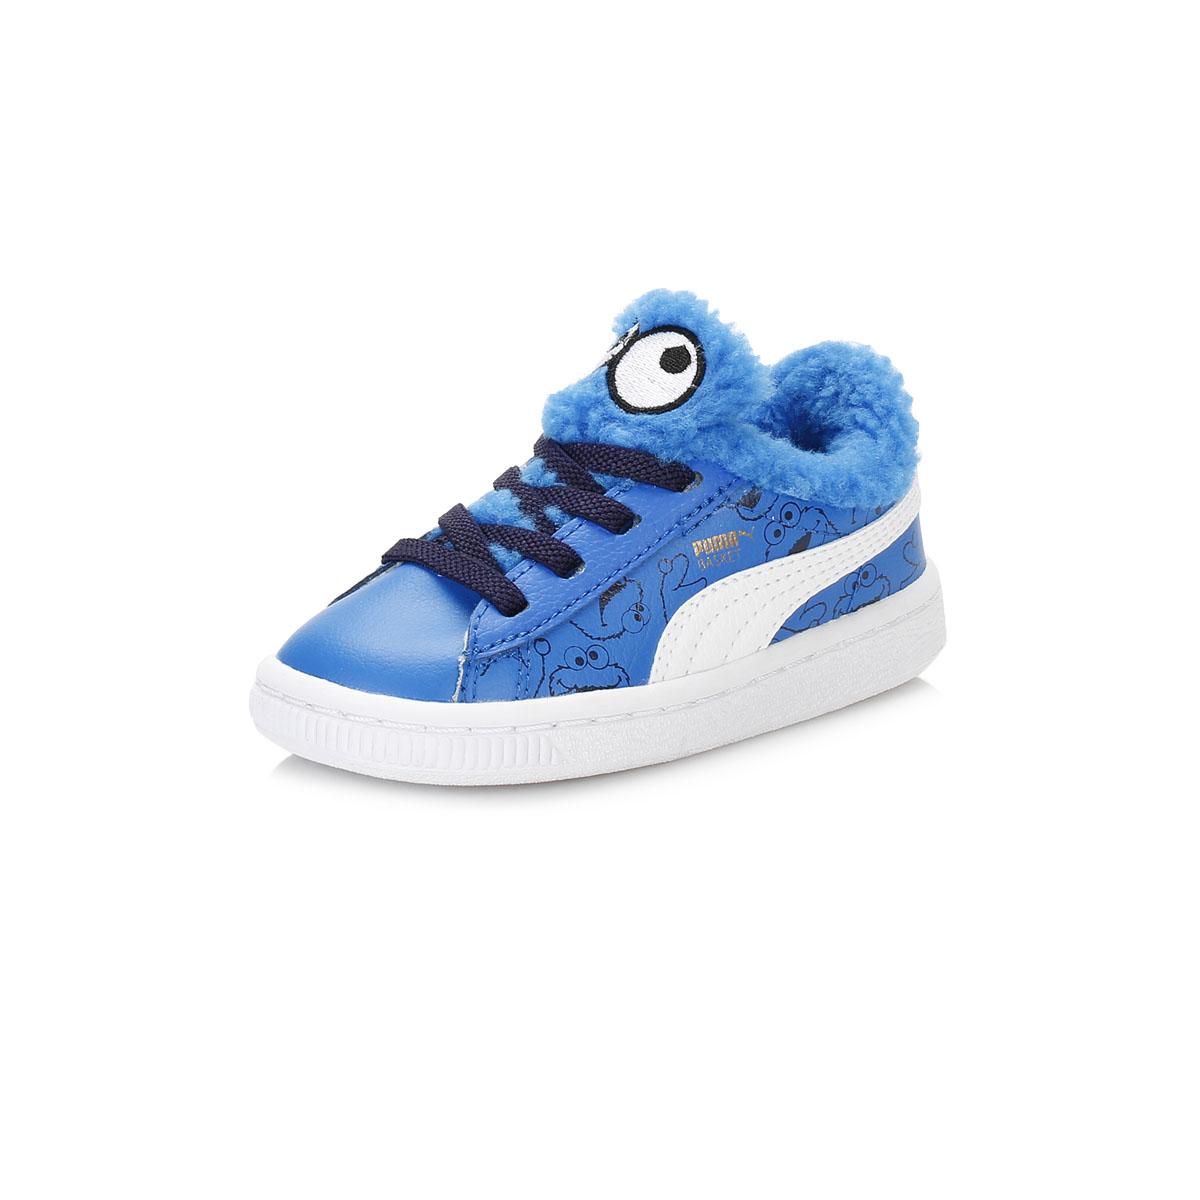 puma trainers blue kids Sale,up to 66